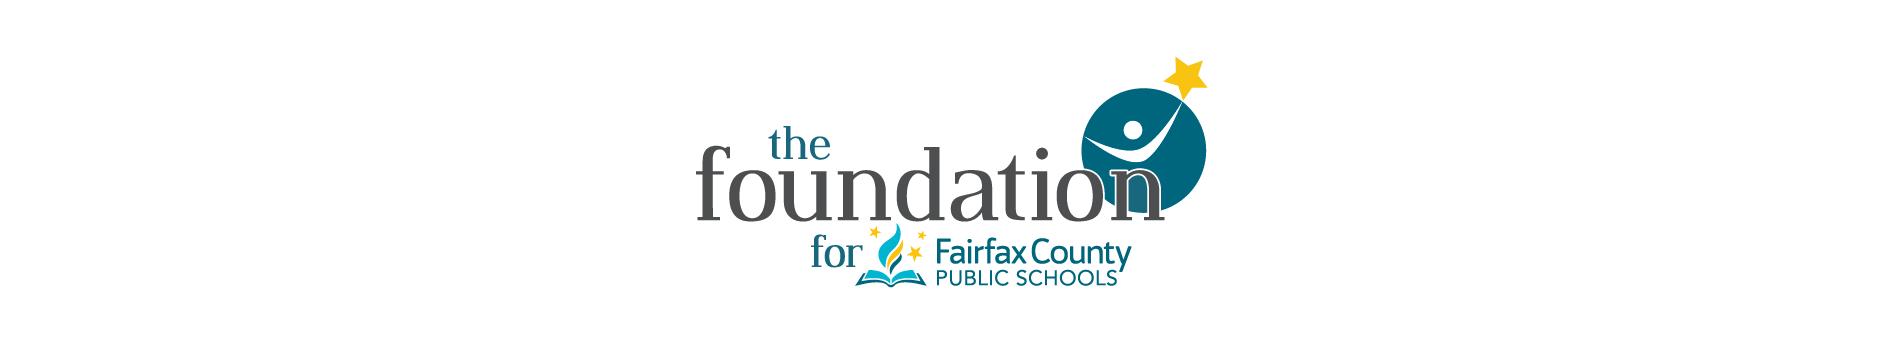 Fairfax County Public Schools Foundation Logo